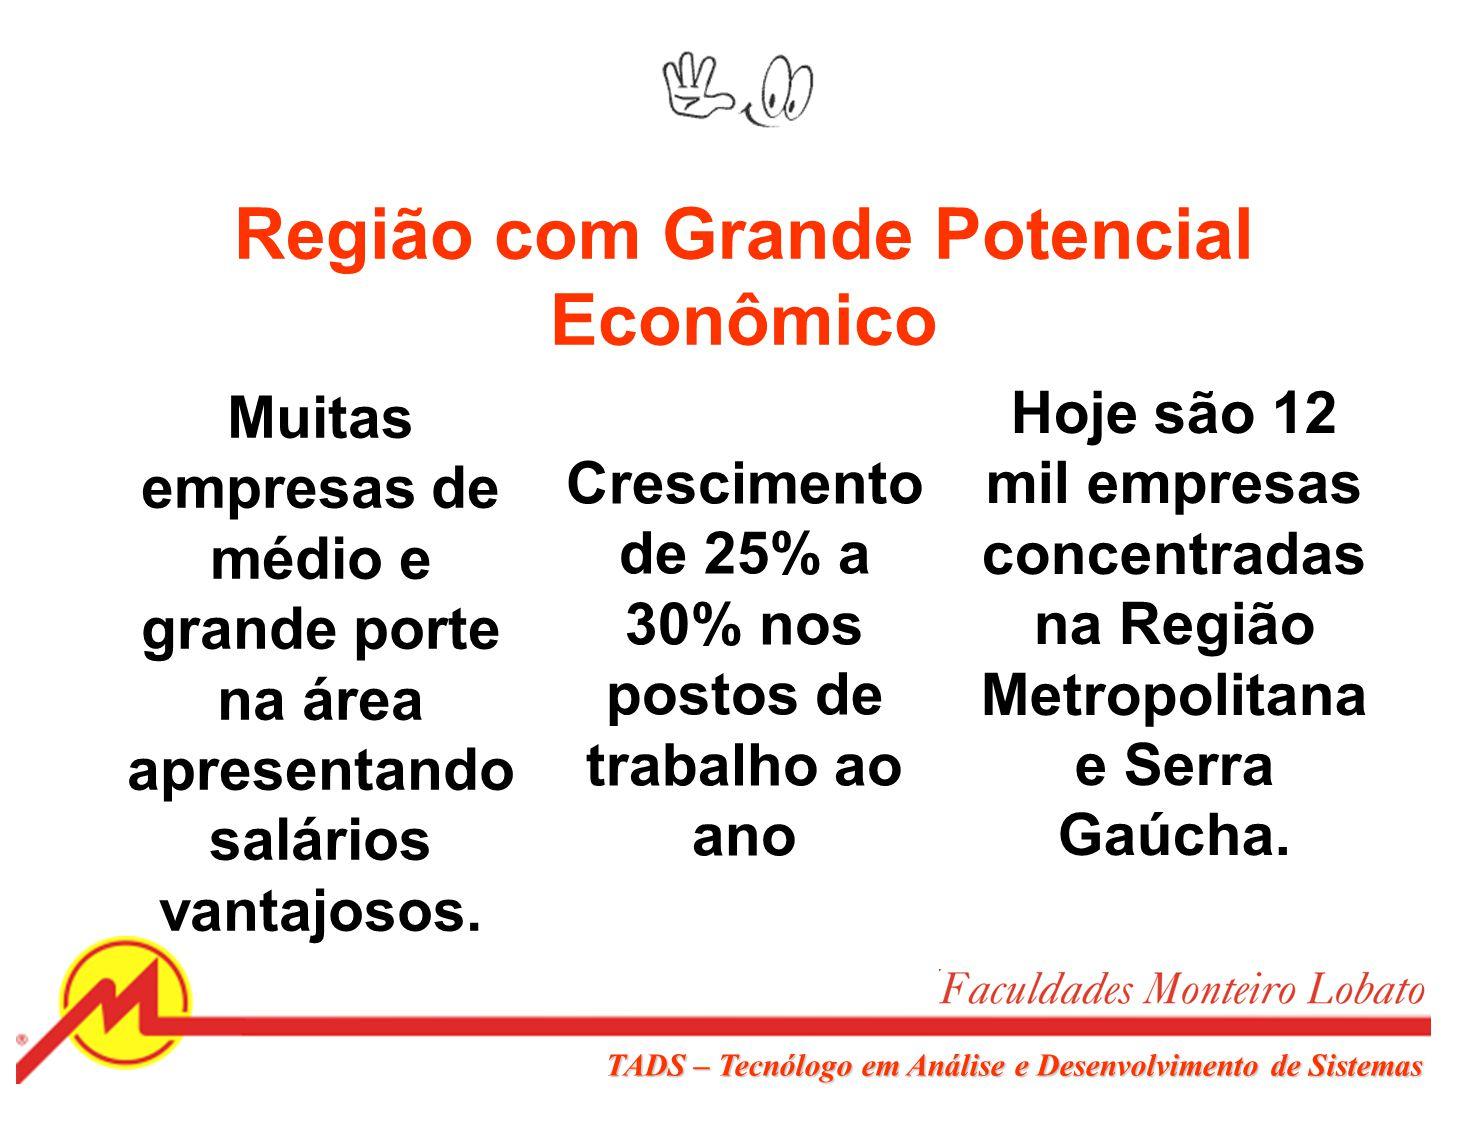 Região com Grande Potencial Econômico